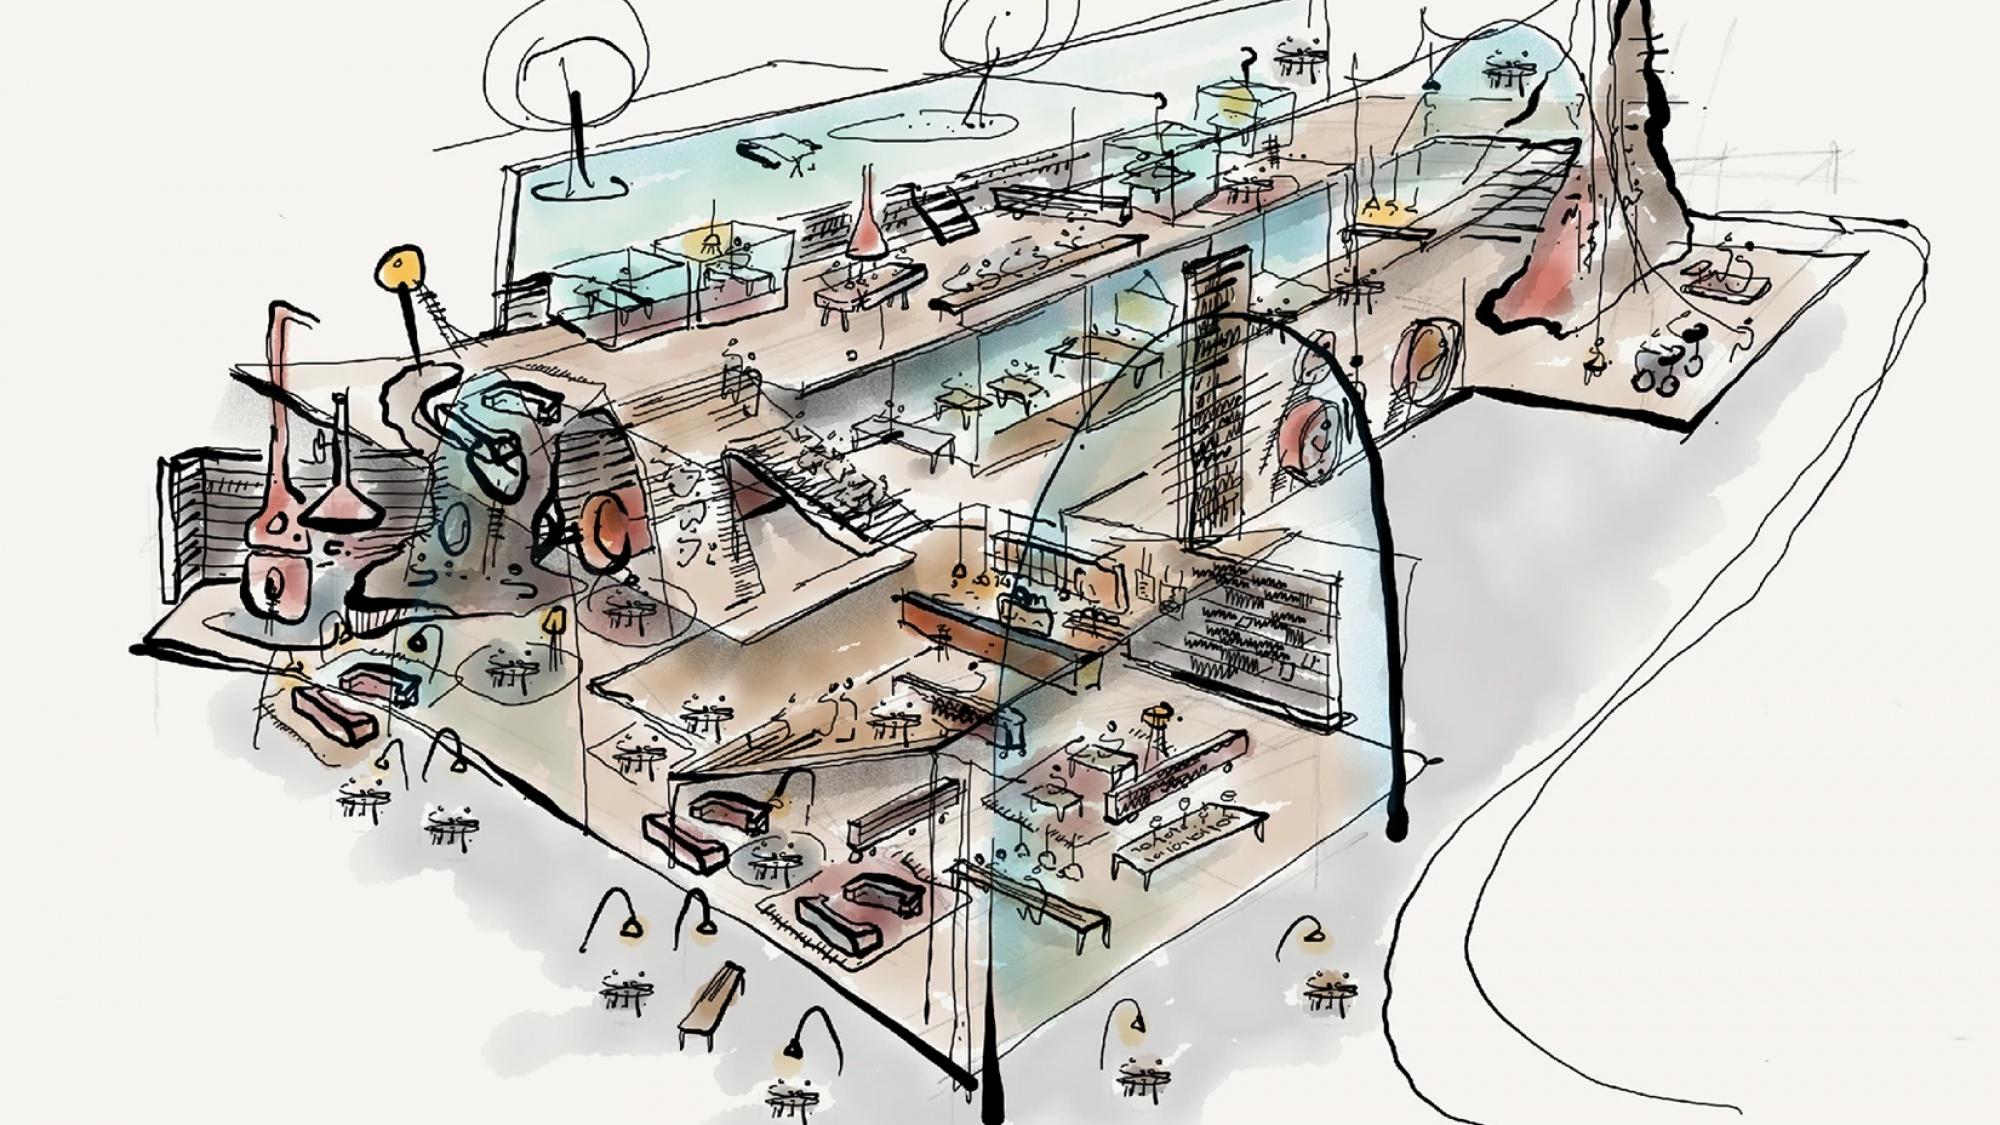 Ontwerp van de binnenkant van het Warenhuis door Aat Vos